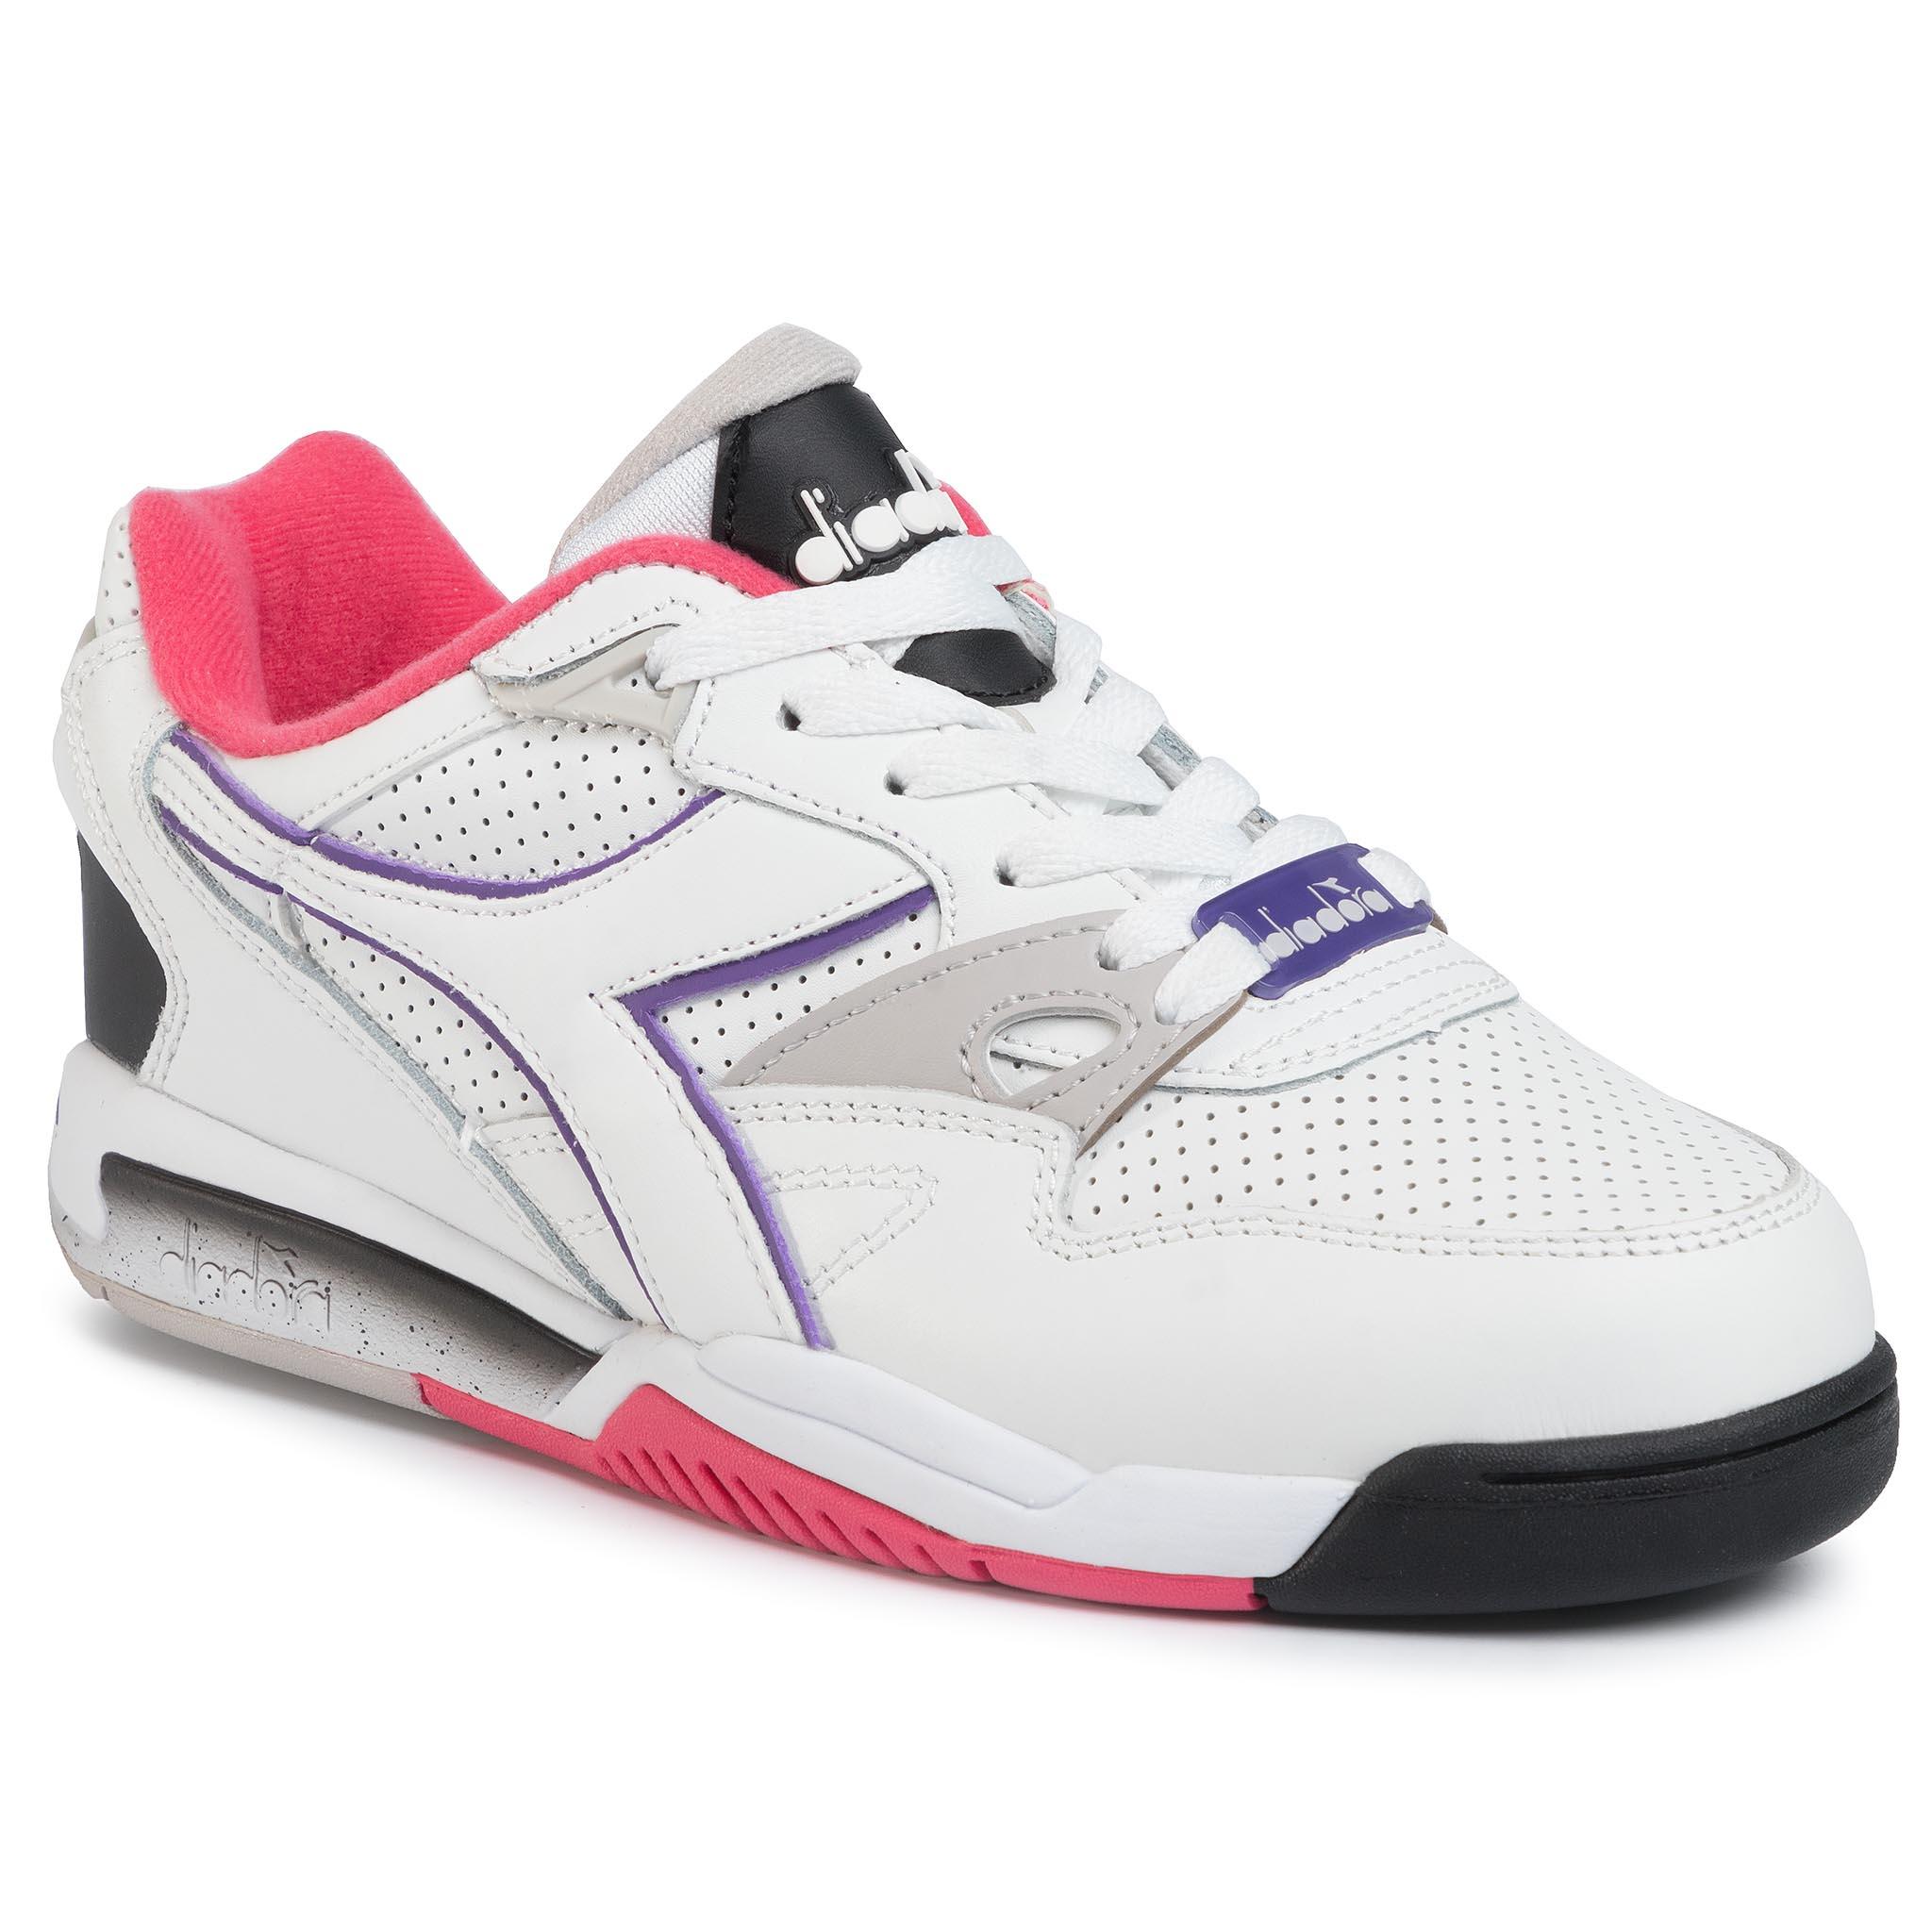 Sneakers DIADORA - Rebound Ace Wn 501.175534 C8485 White/Azalea/Pansy